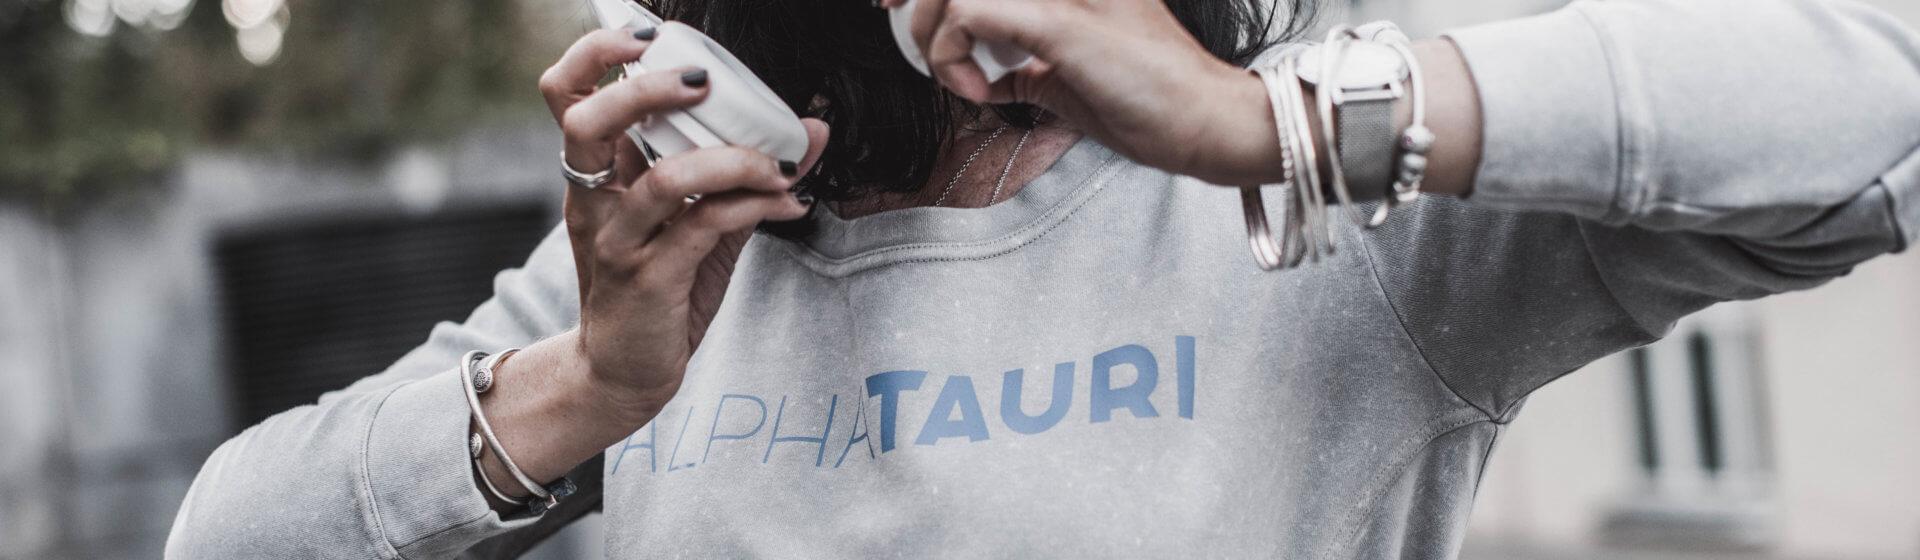 Pulloverkleider - warum wir sie lieben und wie wir sie stylen Shoelove Deichmann